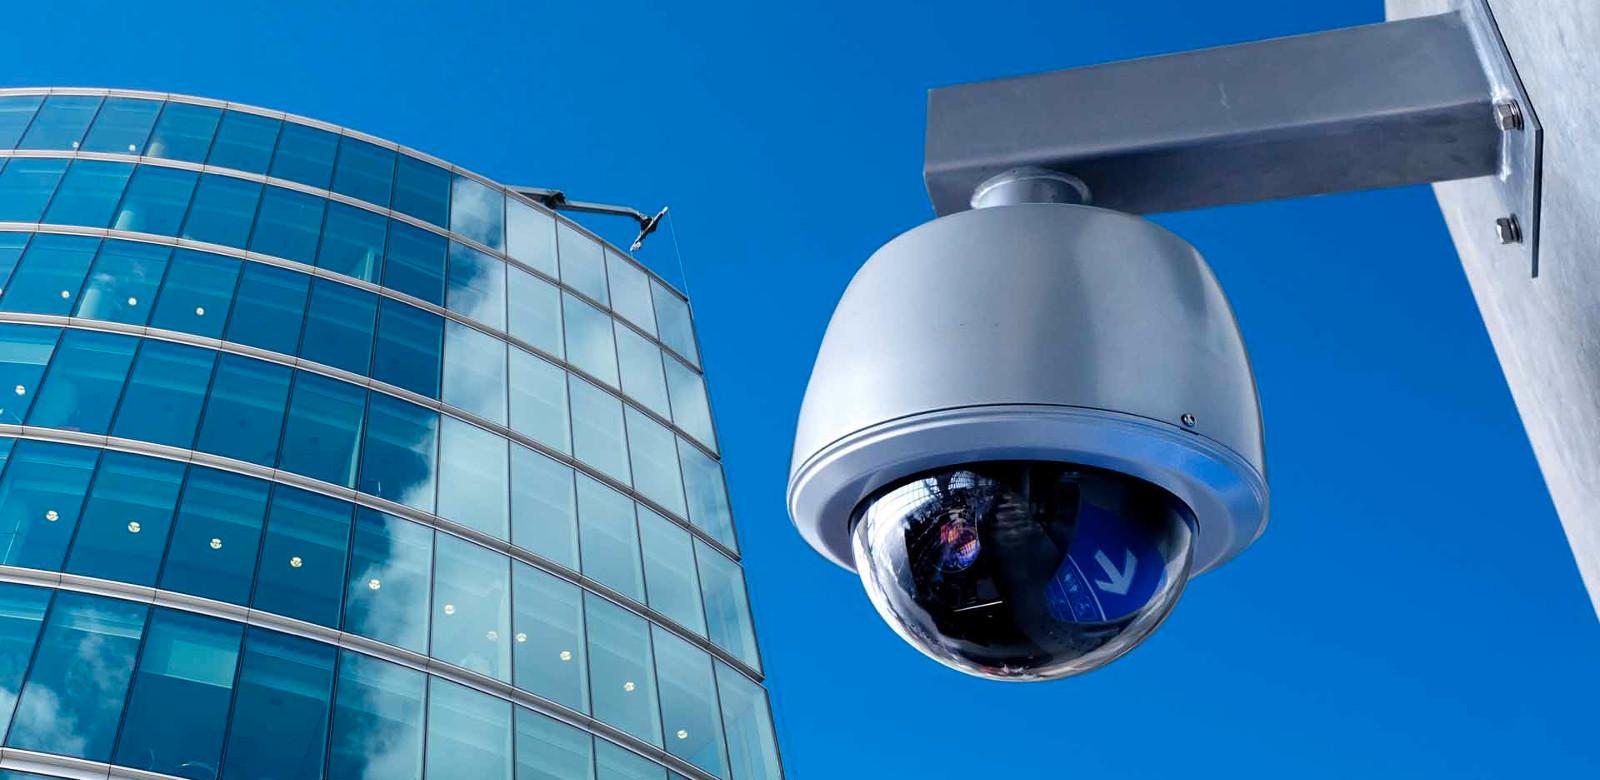 видеонаблюдение монтаж видеонаблюдение под ключ видеонаблюдение установка